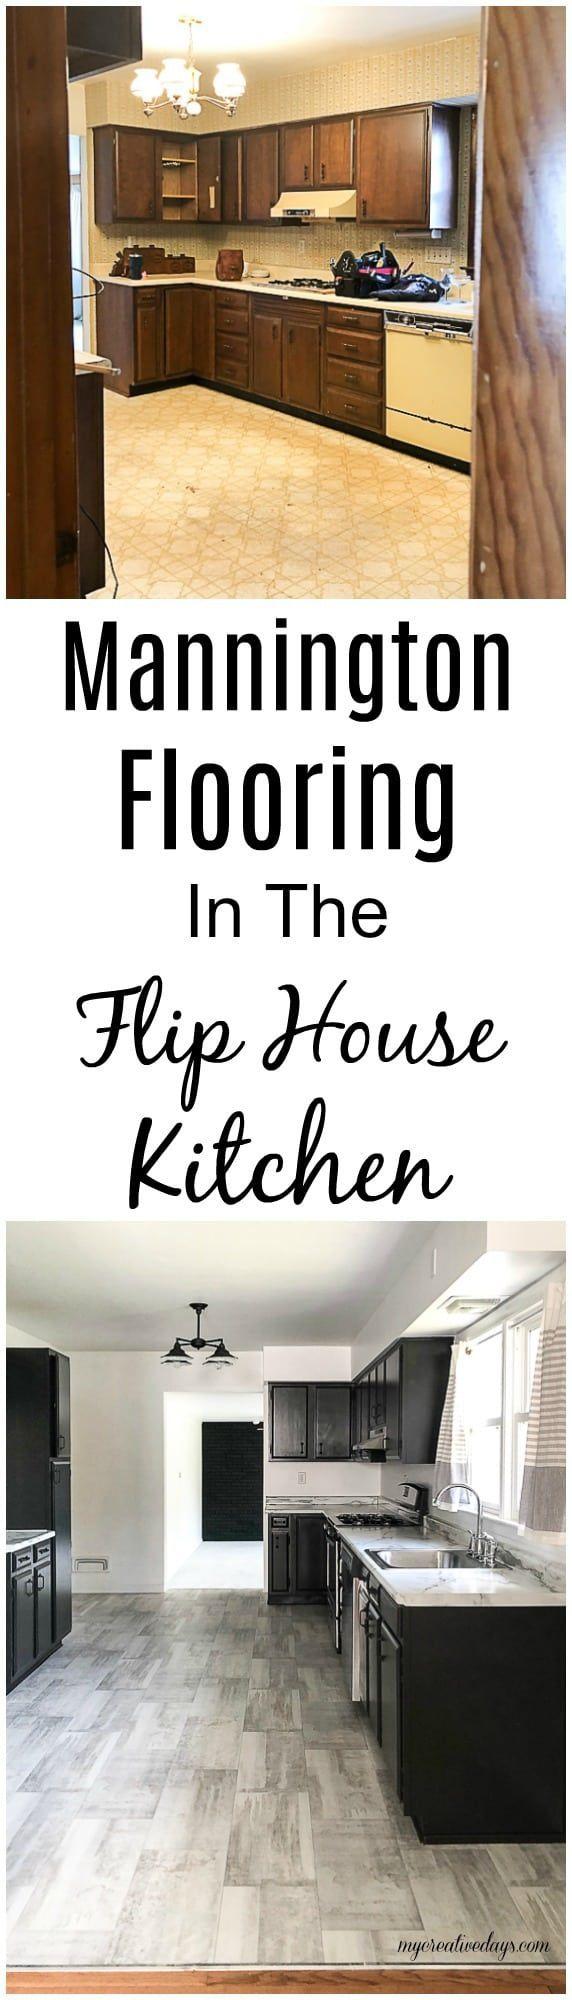 Mannington Flooring In The Flip House Kitchen Mannington